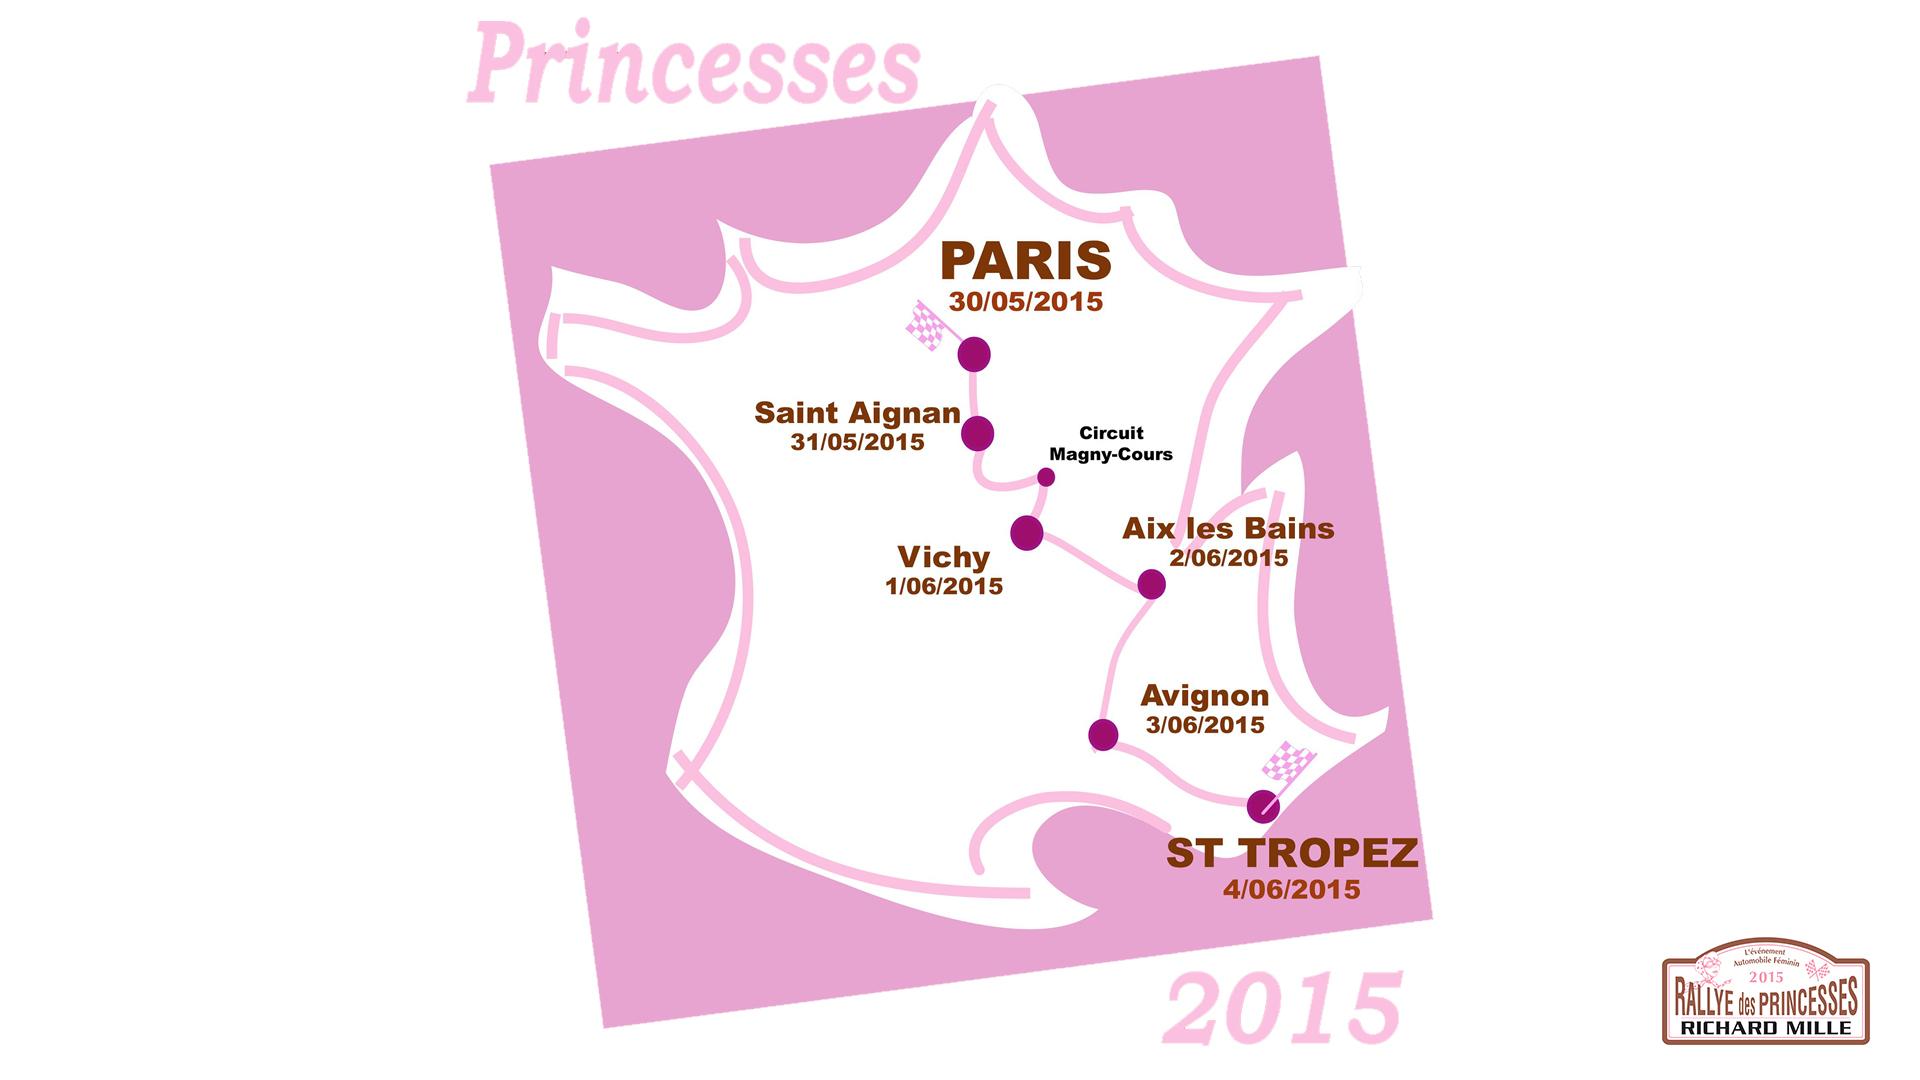 Rallye des Princesses - parcours 2015